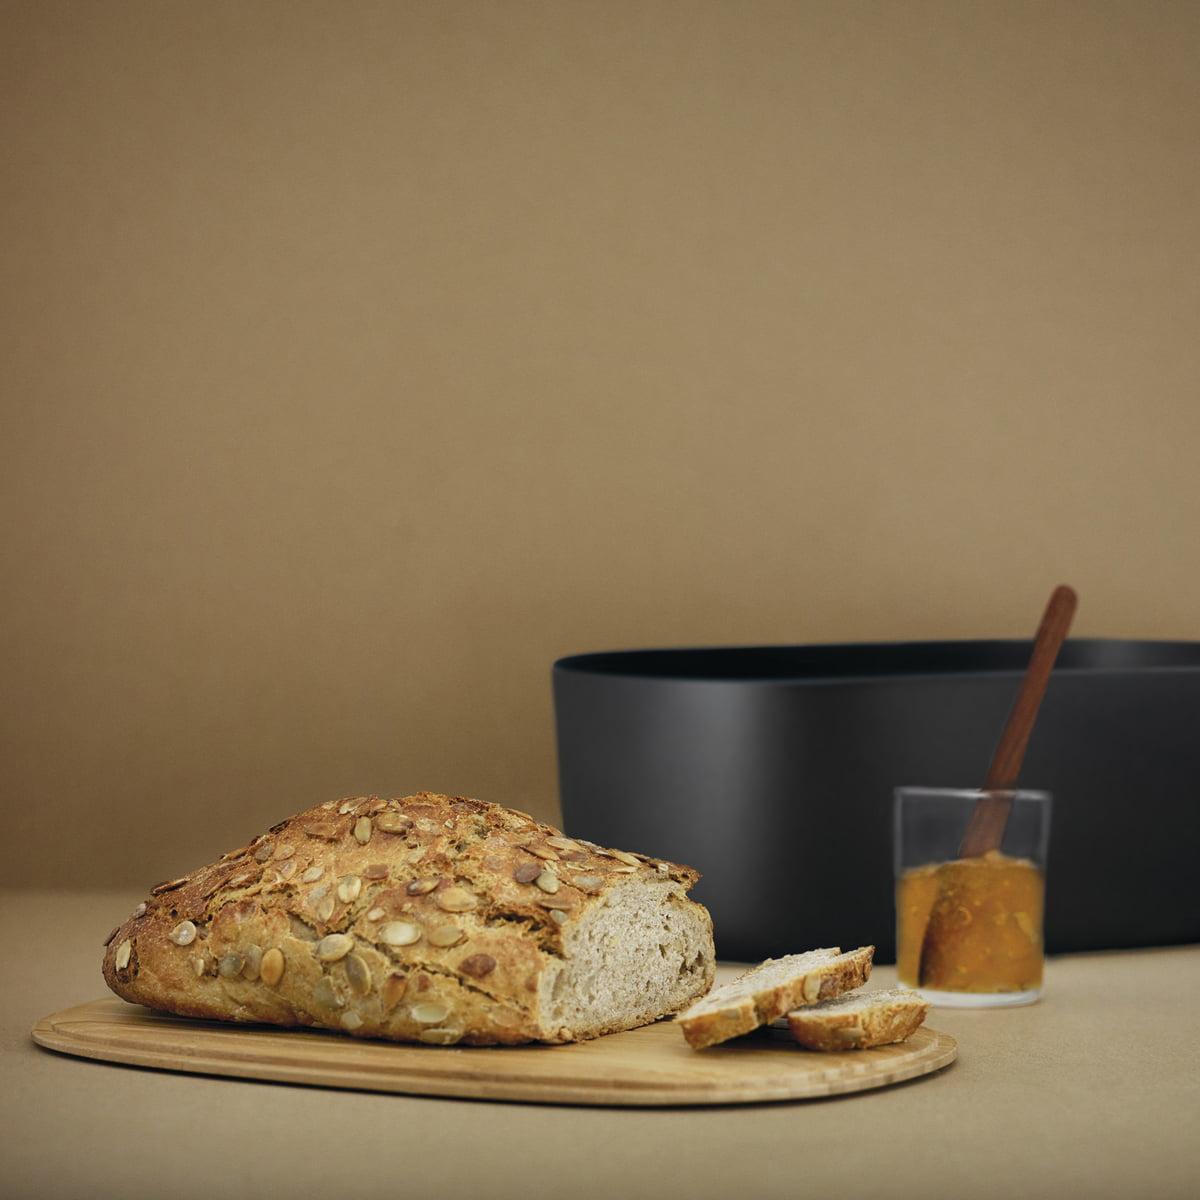 Buy the Stelton Box-It bread box online